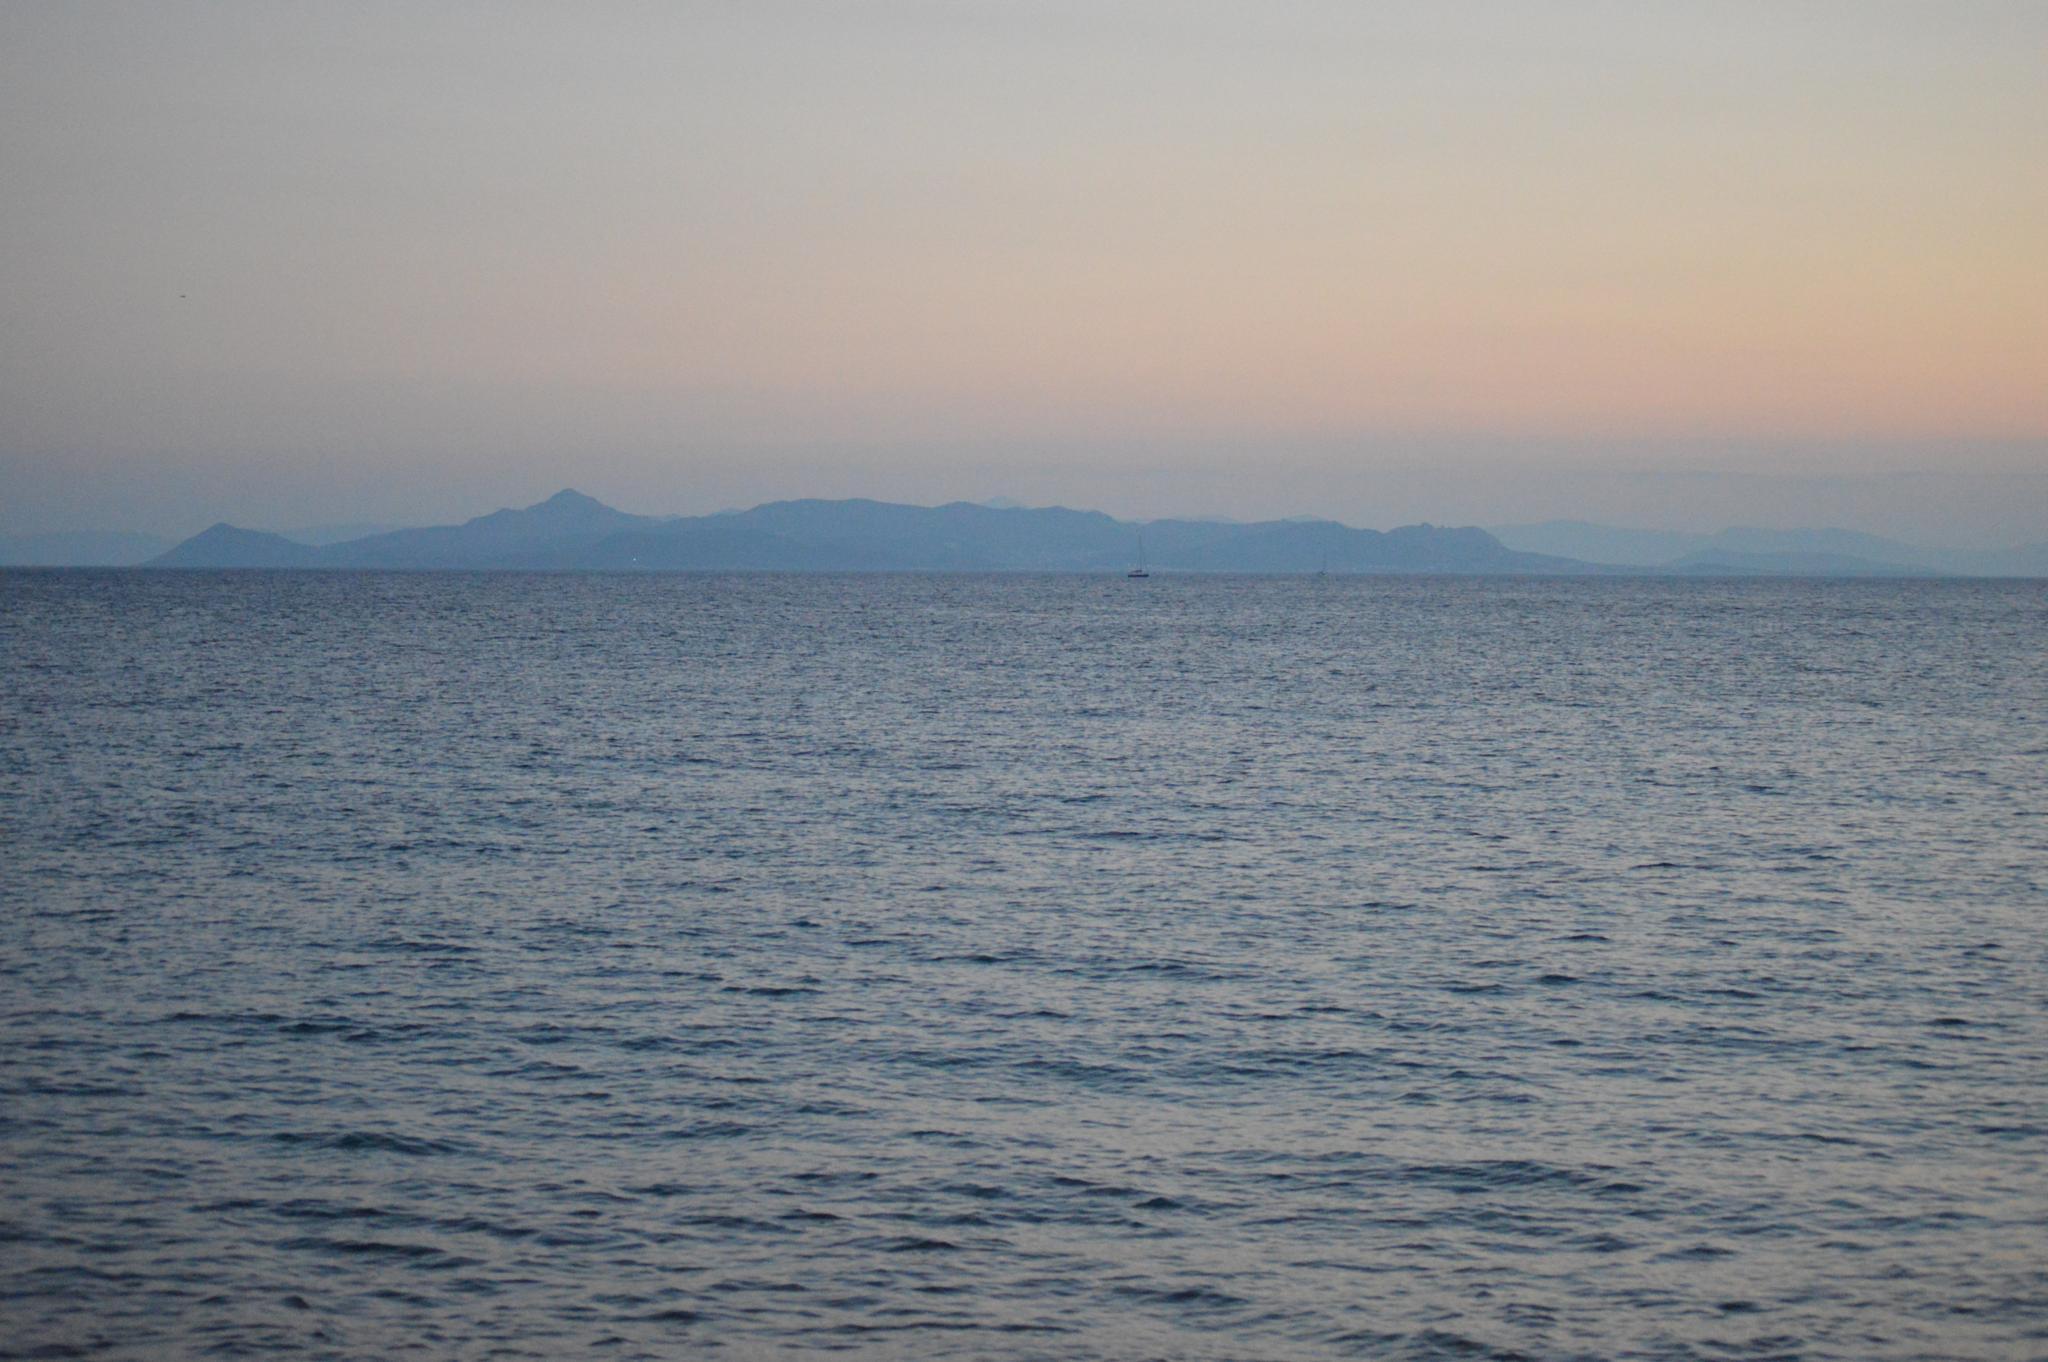 Sea Sky by Ahi Von B